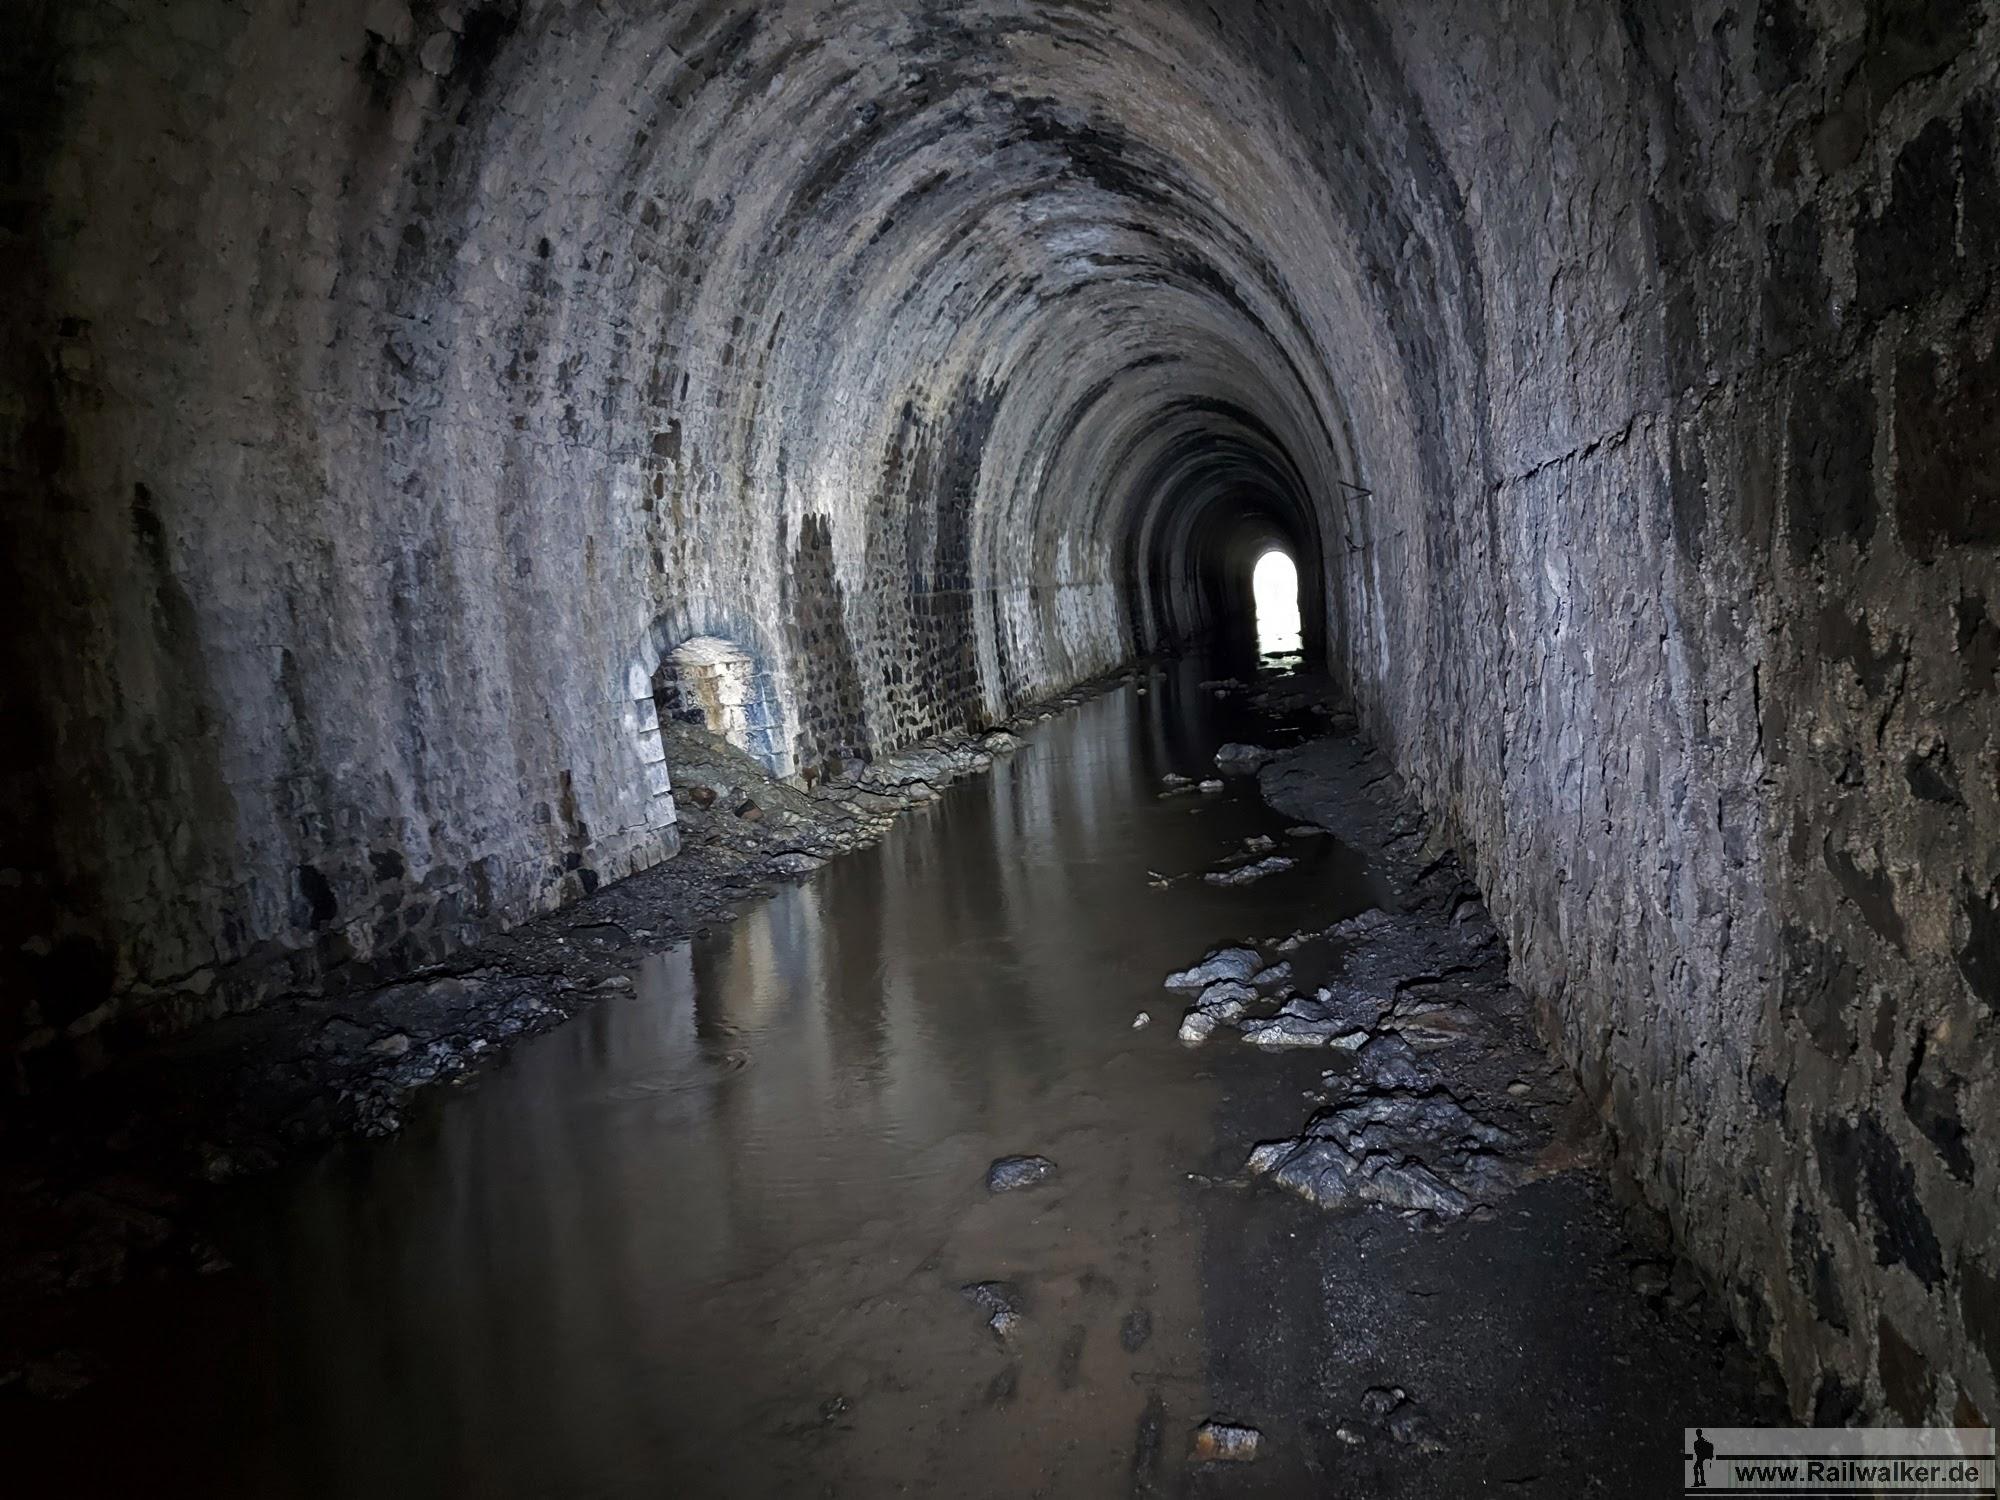 Zum Ende hin steht mehr und mehr Wasser in der Tunnelrohre und fließt nicht ab. Ein trockener Pfad ist bald nicht mehr vorhanden.